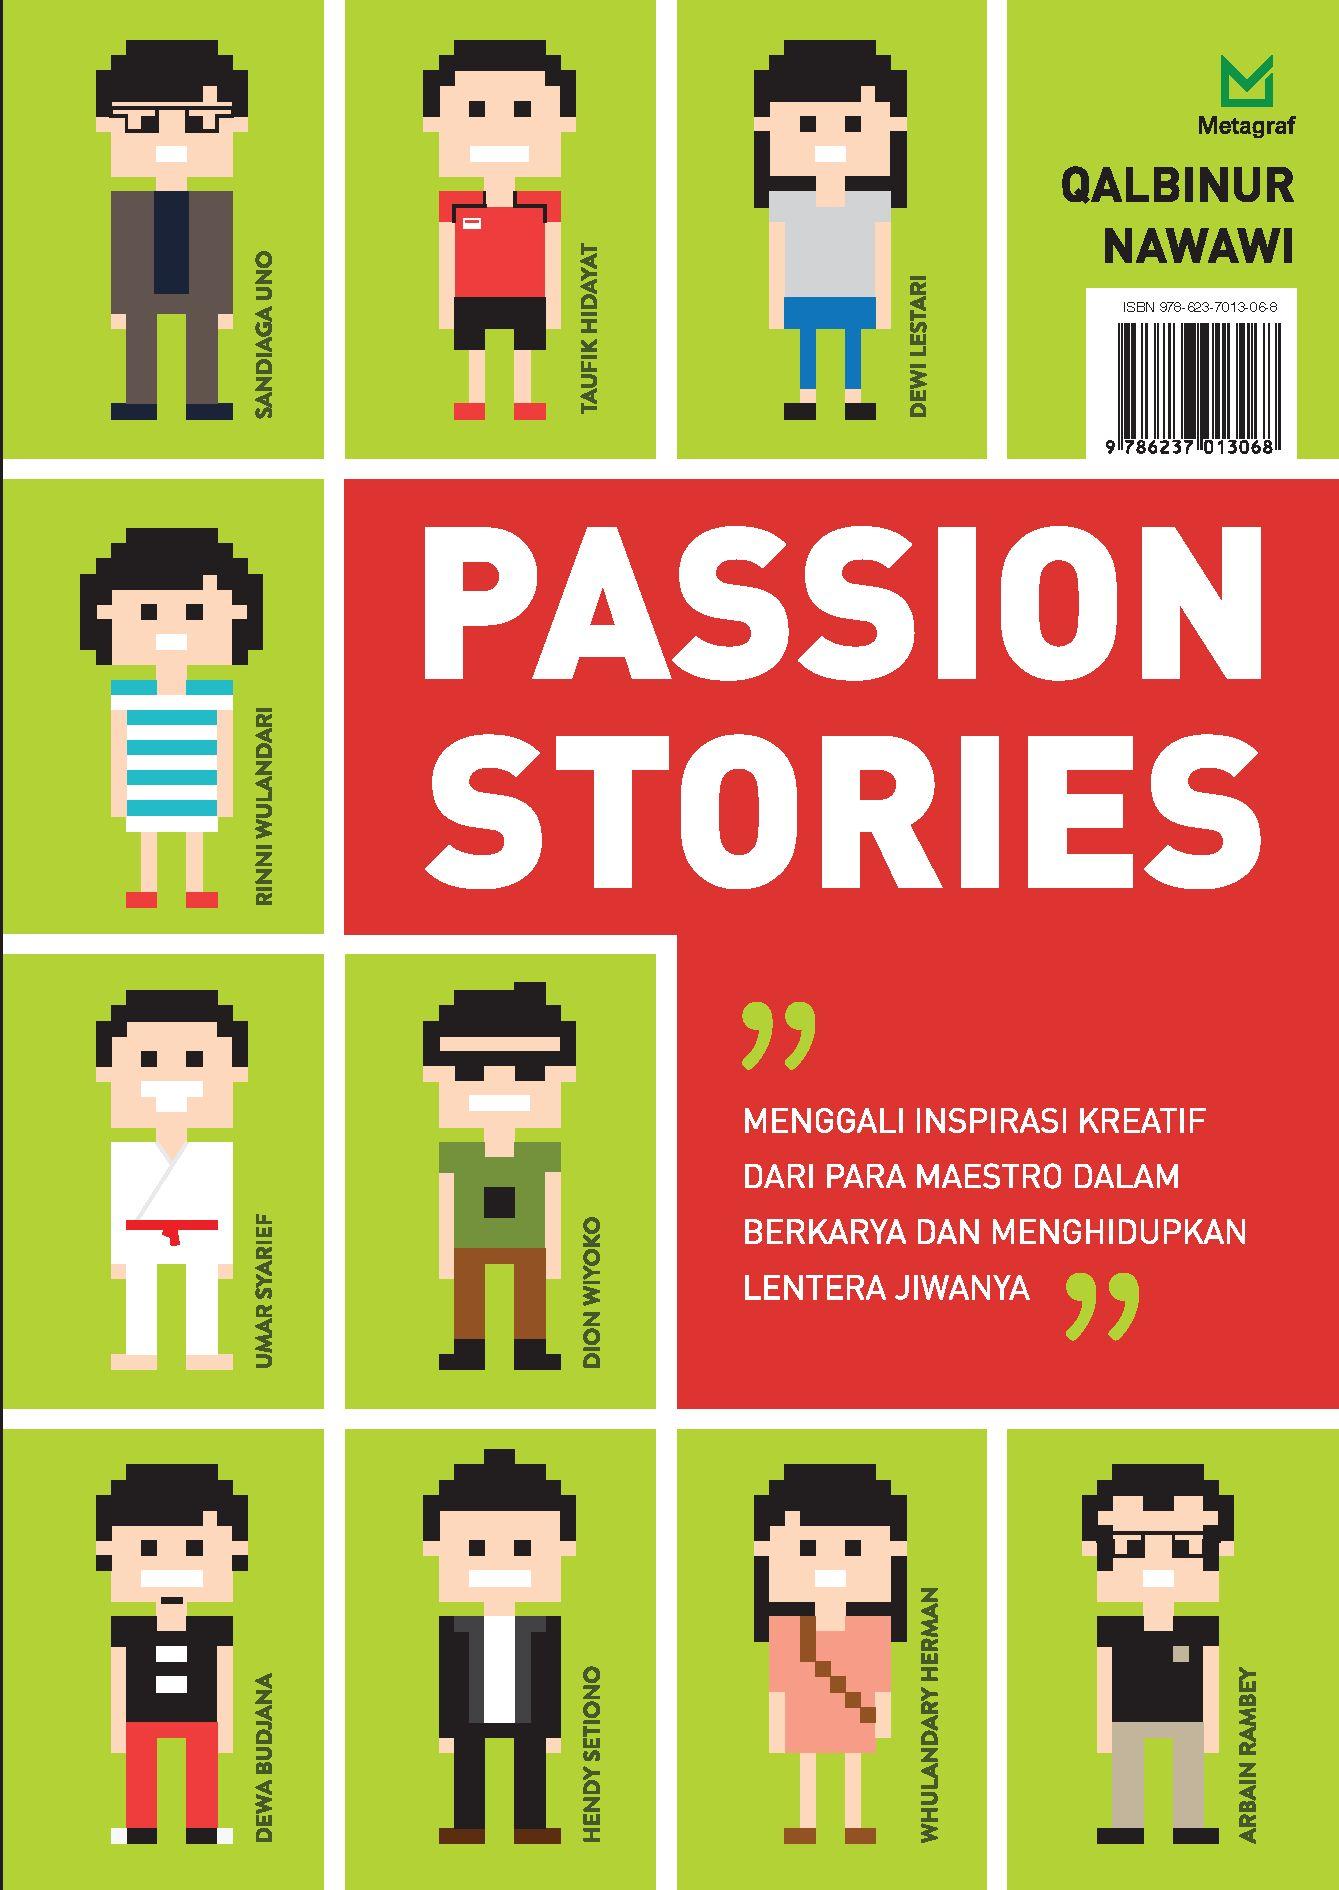 Passion stories [sumber elektronis] : menggali inspirasi kreatif dari para maestro dalam berkarya dan menghidupkan lentera jiwanya